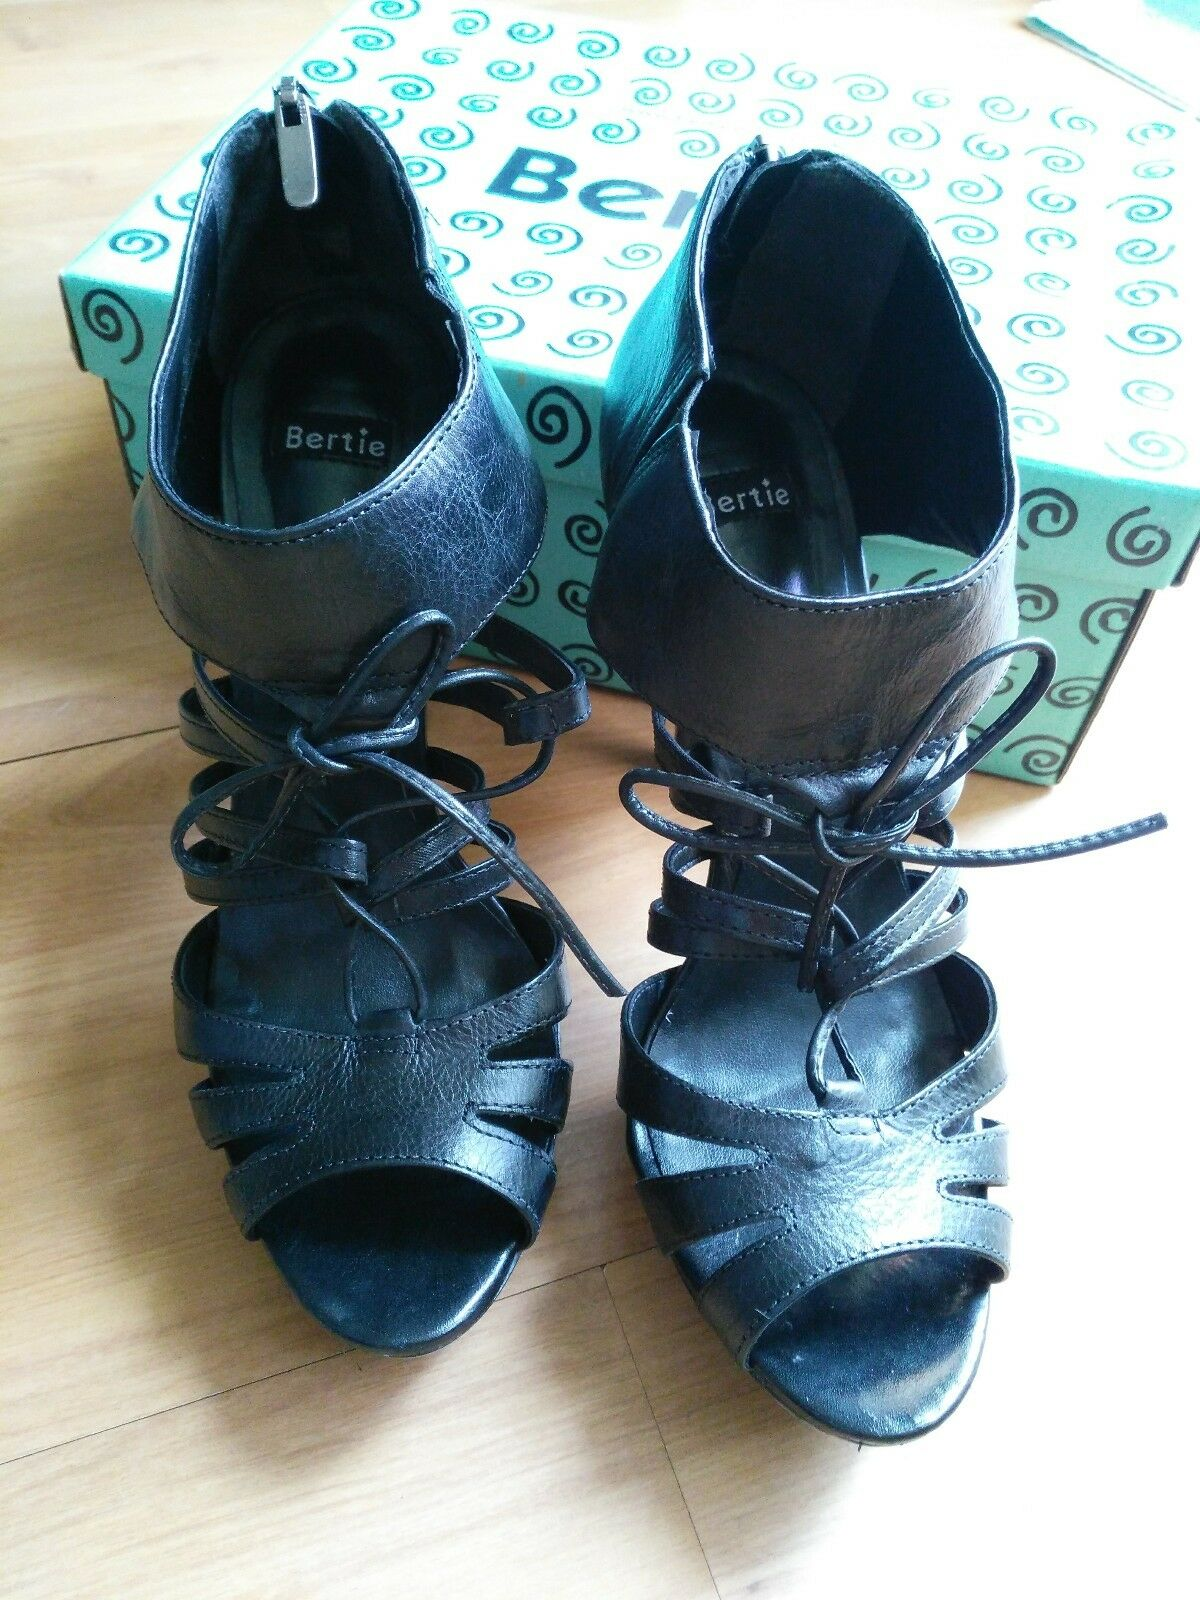 BNIB Bertie sandals shoes size 7 40